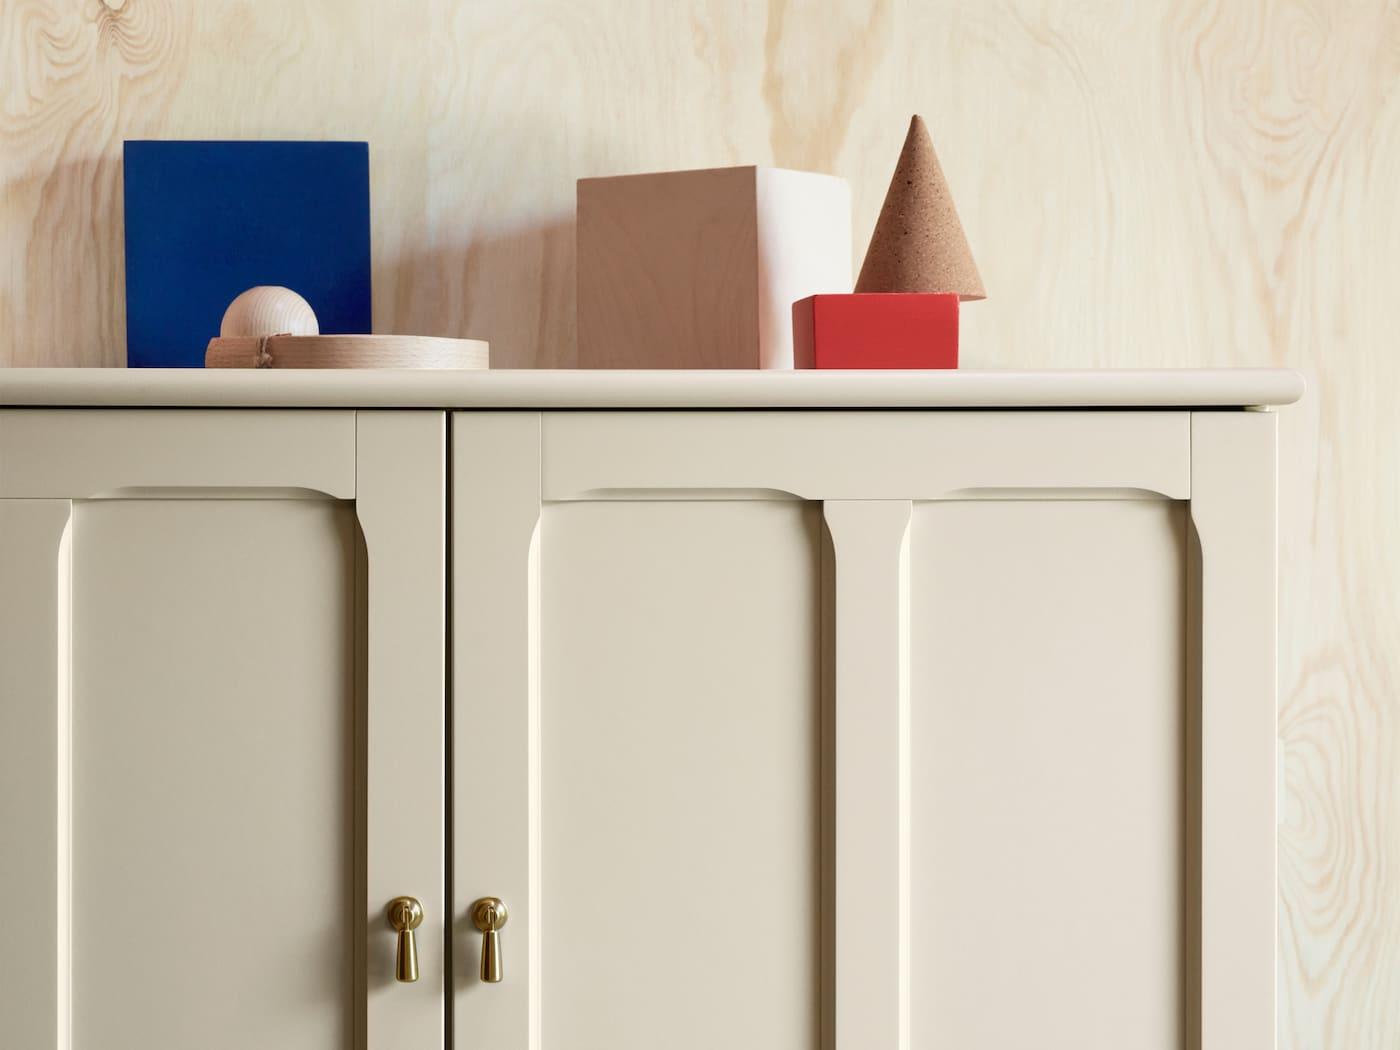 LOMMARP 鲁马尔普 米色储物柜采用精美工艺细节和把手设计,打造出传统风格外观。